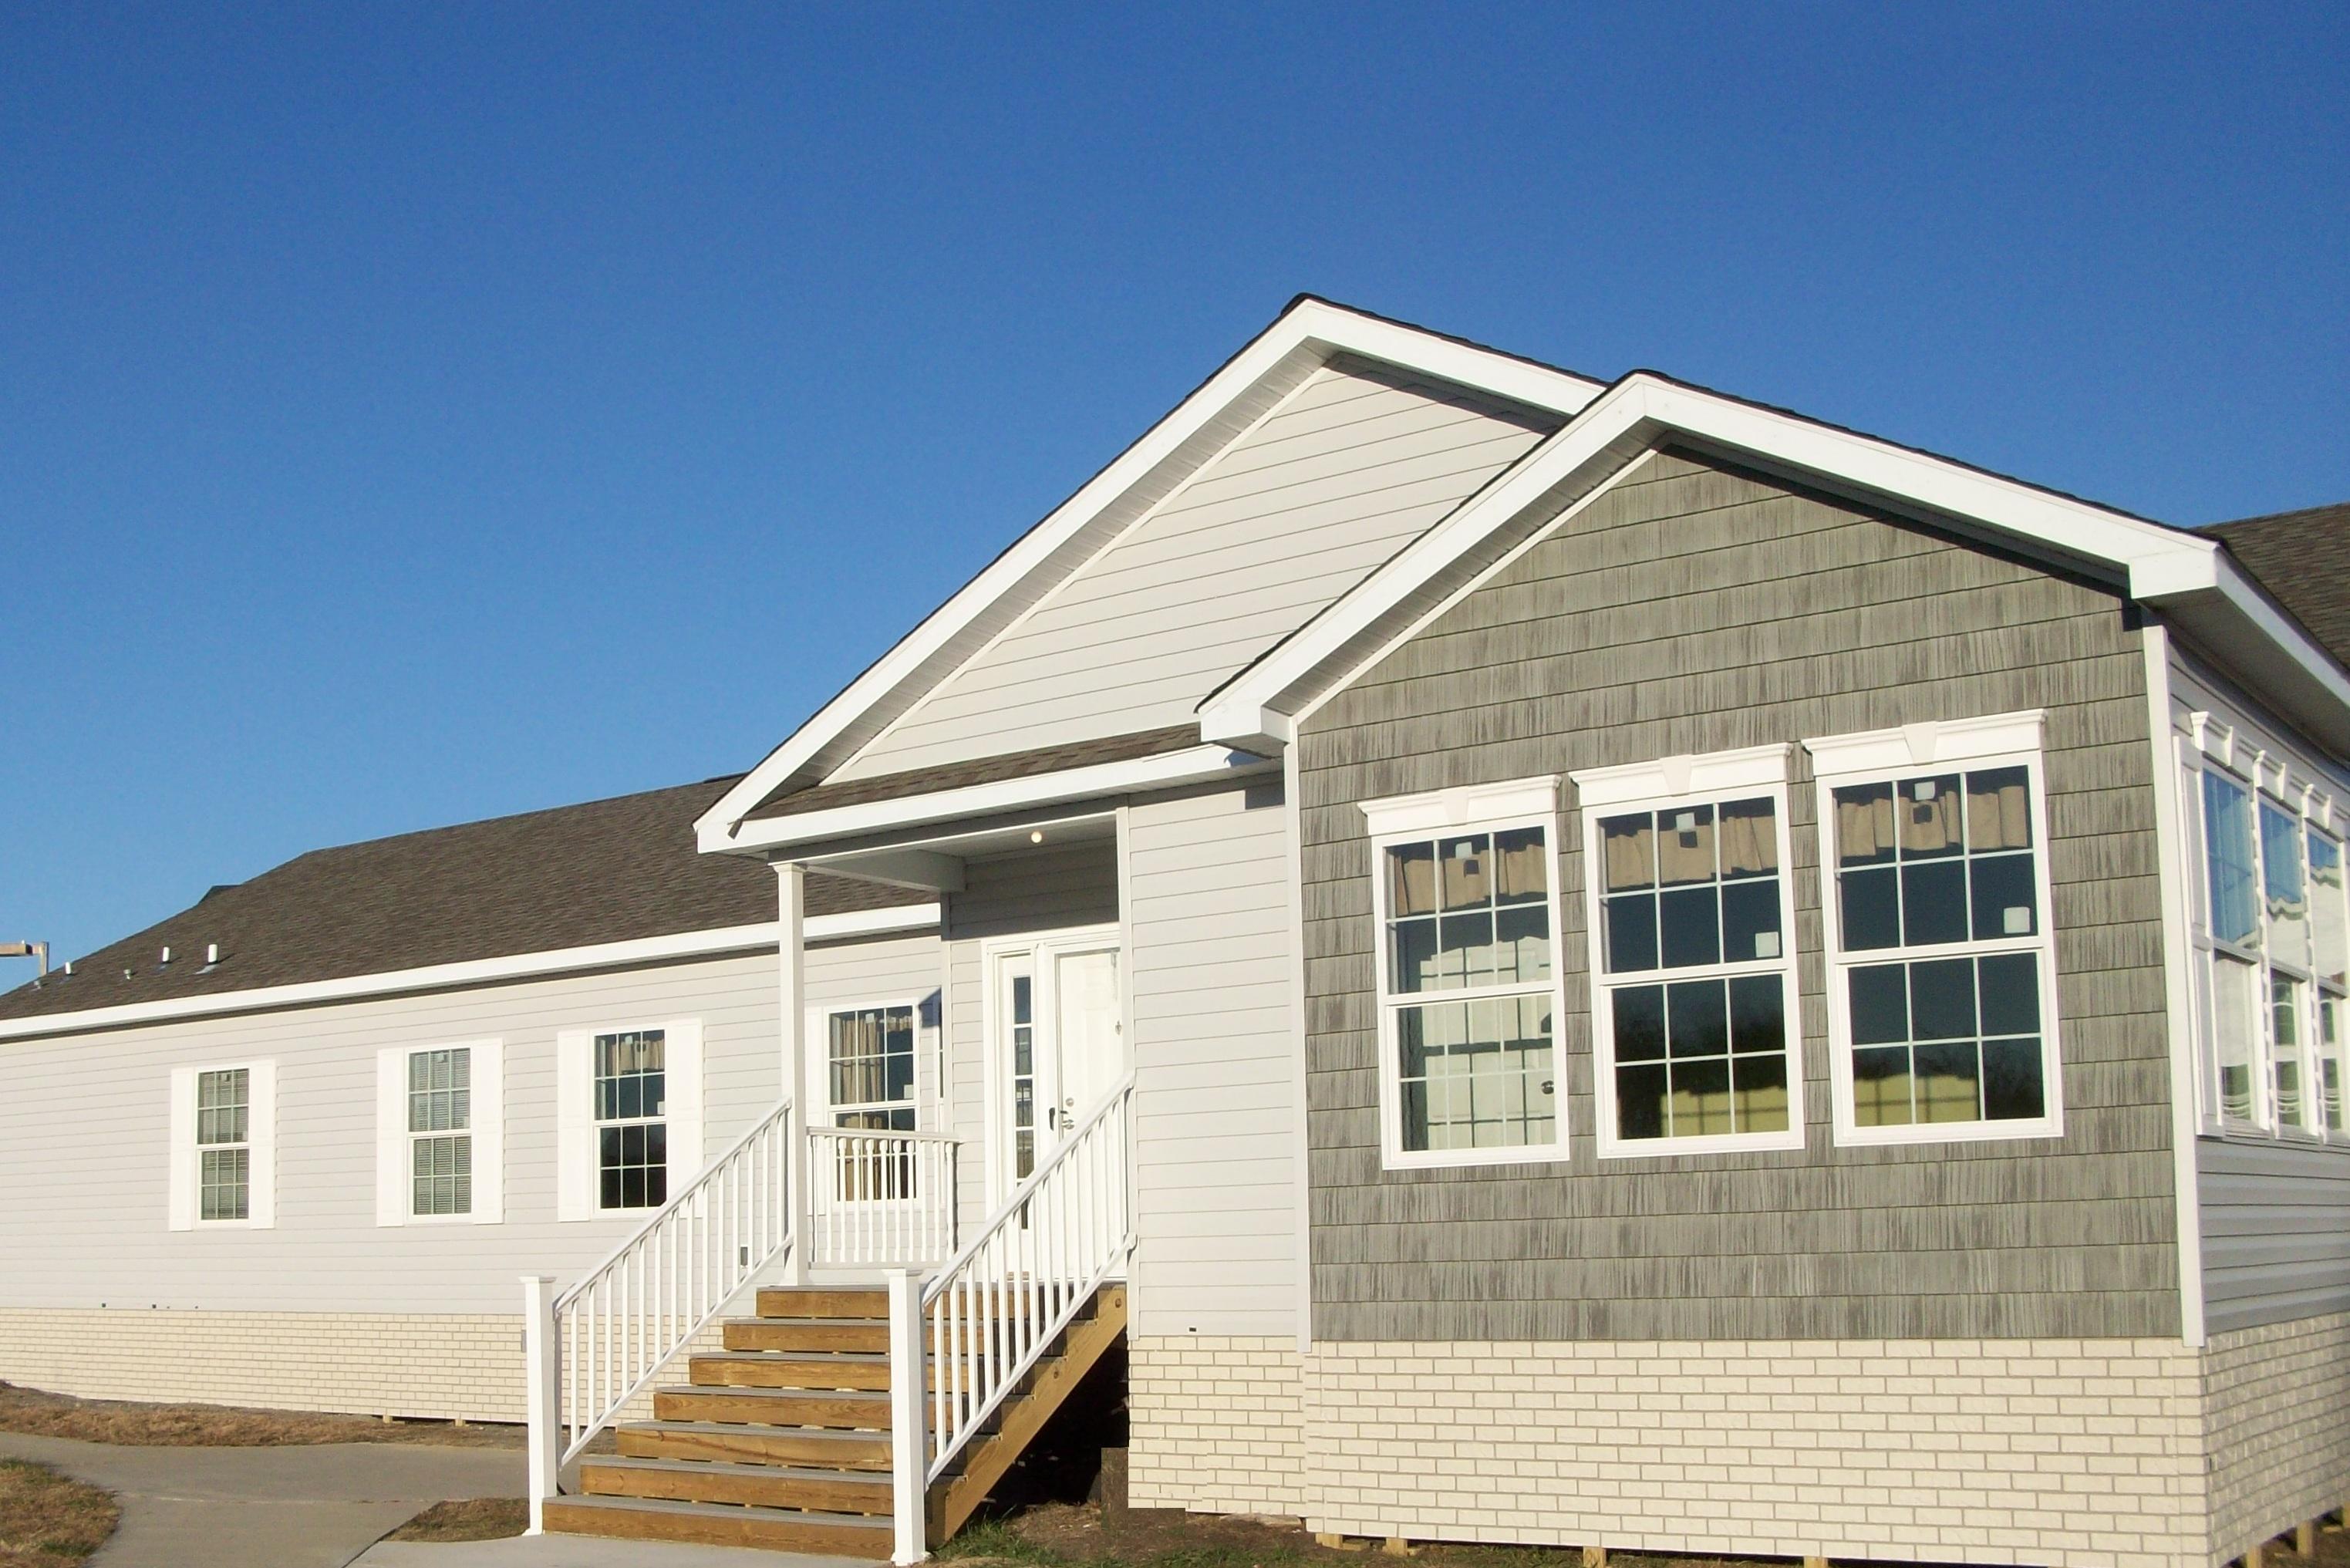 clayton homes in fredericksburg va 540 898 4. Black Bedroom Furniture Sets. Home Design Ideas